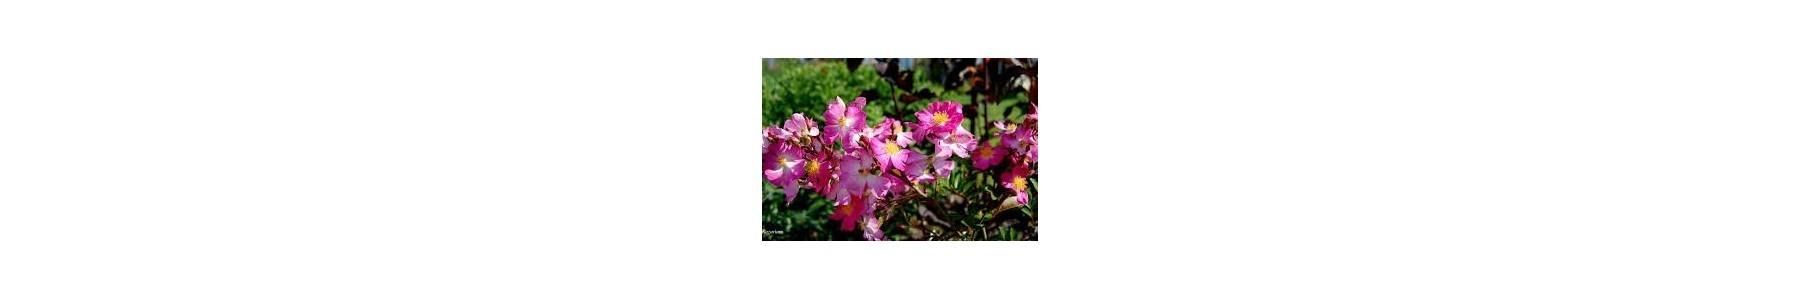 Nawozy do roślin kwitnących - wzrost i obfite kwitnienie